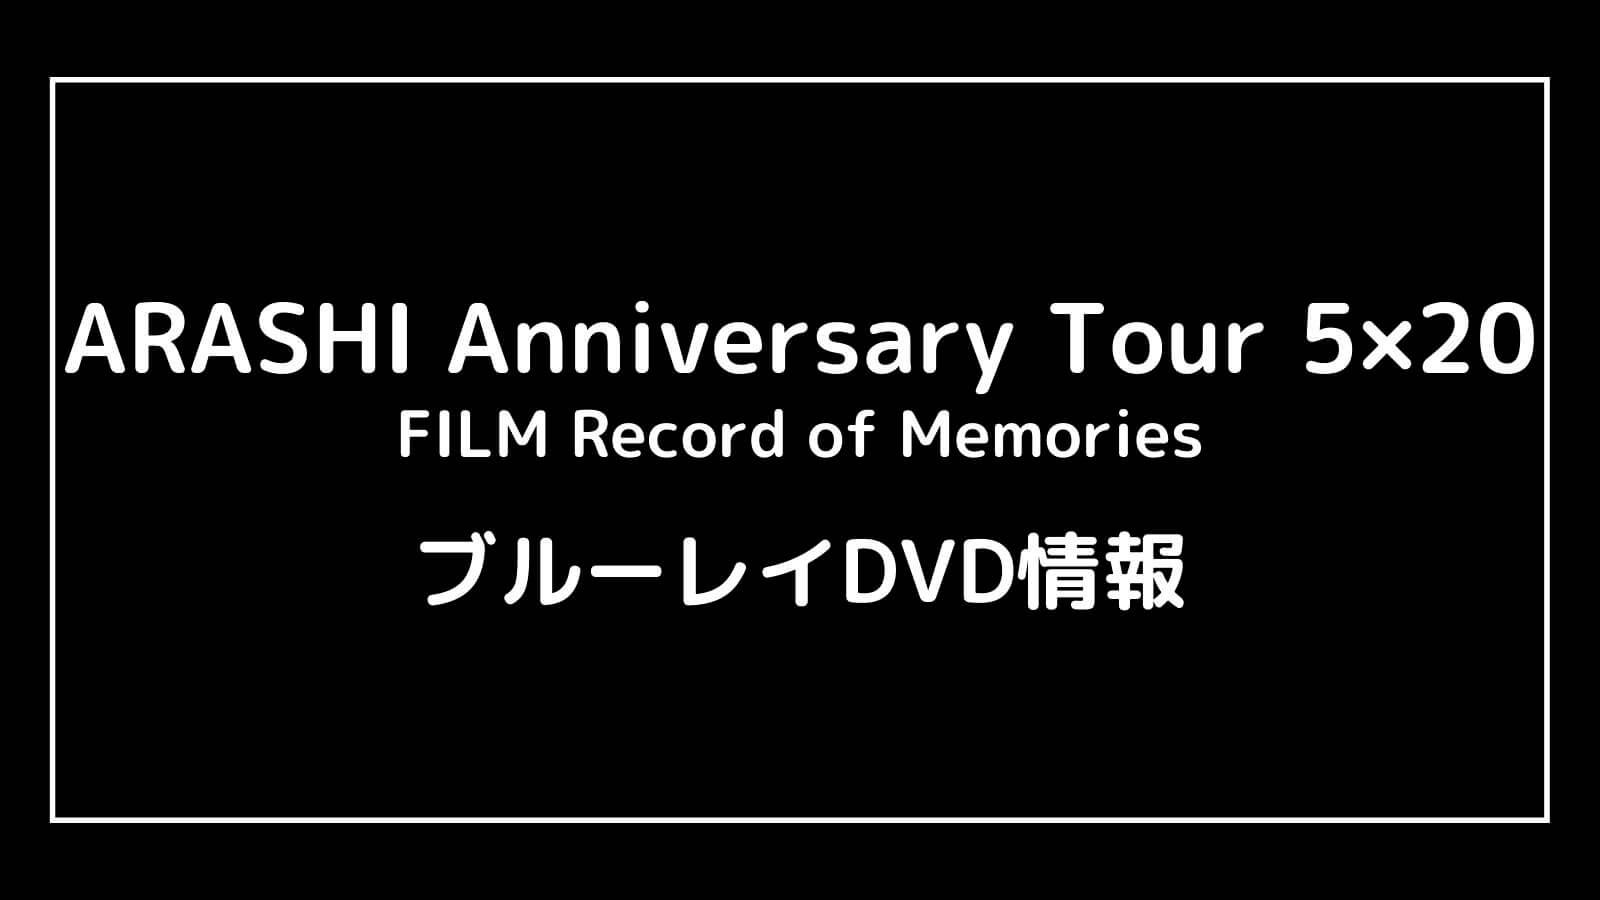 映画『嵐 ARASHI Anniversary Tour 5×20』のDVD発売日と予約開始日はいつから?円盤情報まとめ【FILM Record of Memories】